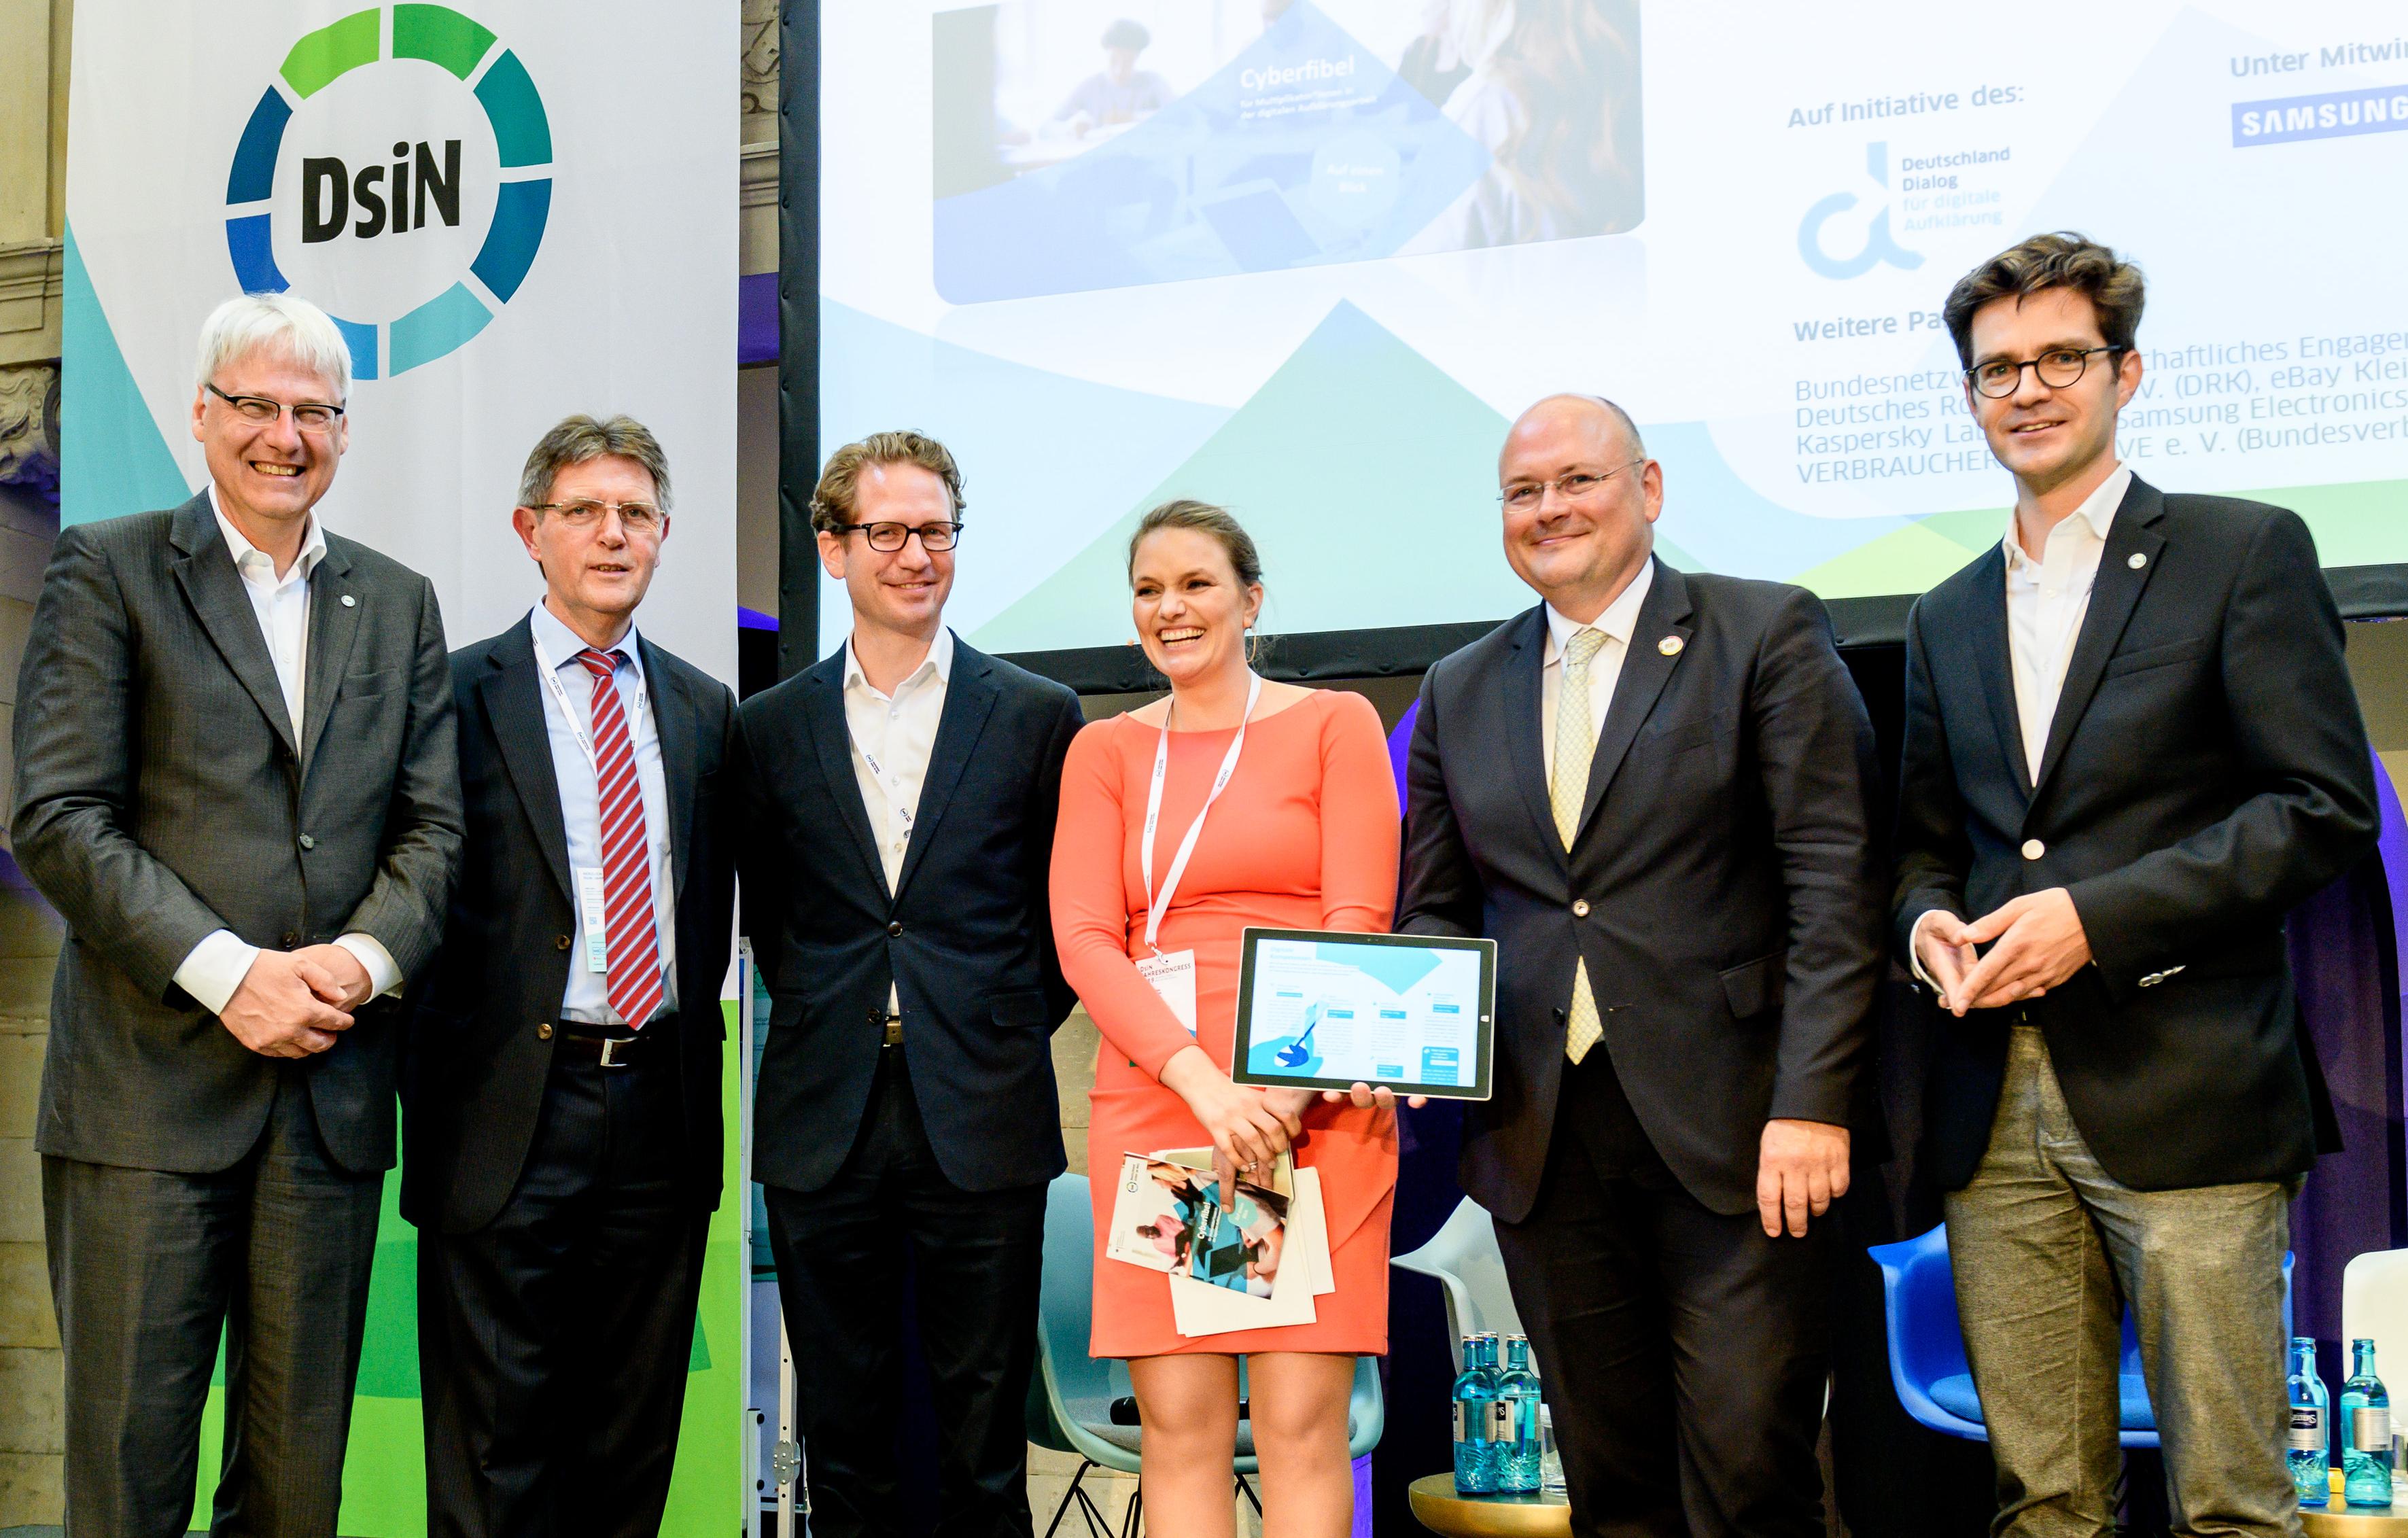 Zum DsiN-Jahreskongress 2019 wurde die DsiN-BSI-Cyberfiebel erstmals von Dr. Thomas Kremer, Klaus Vitt (BMI), Steffen Ganders (Samsung), Dr. Sarah Tacke, BSI-Präsident Arne Schönbohm und Dr. Michael Littger vorgestellt